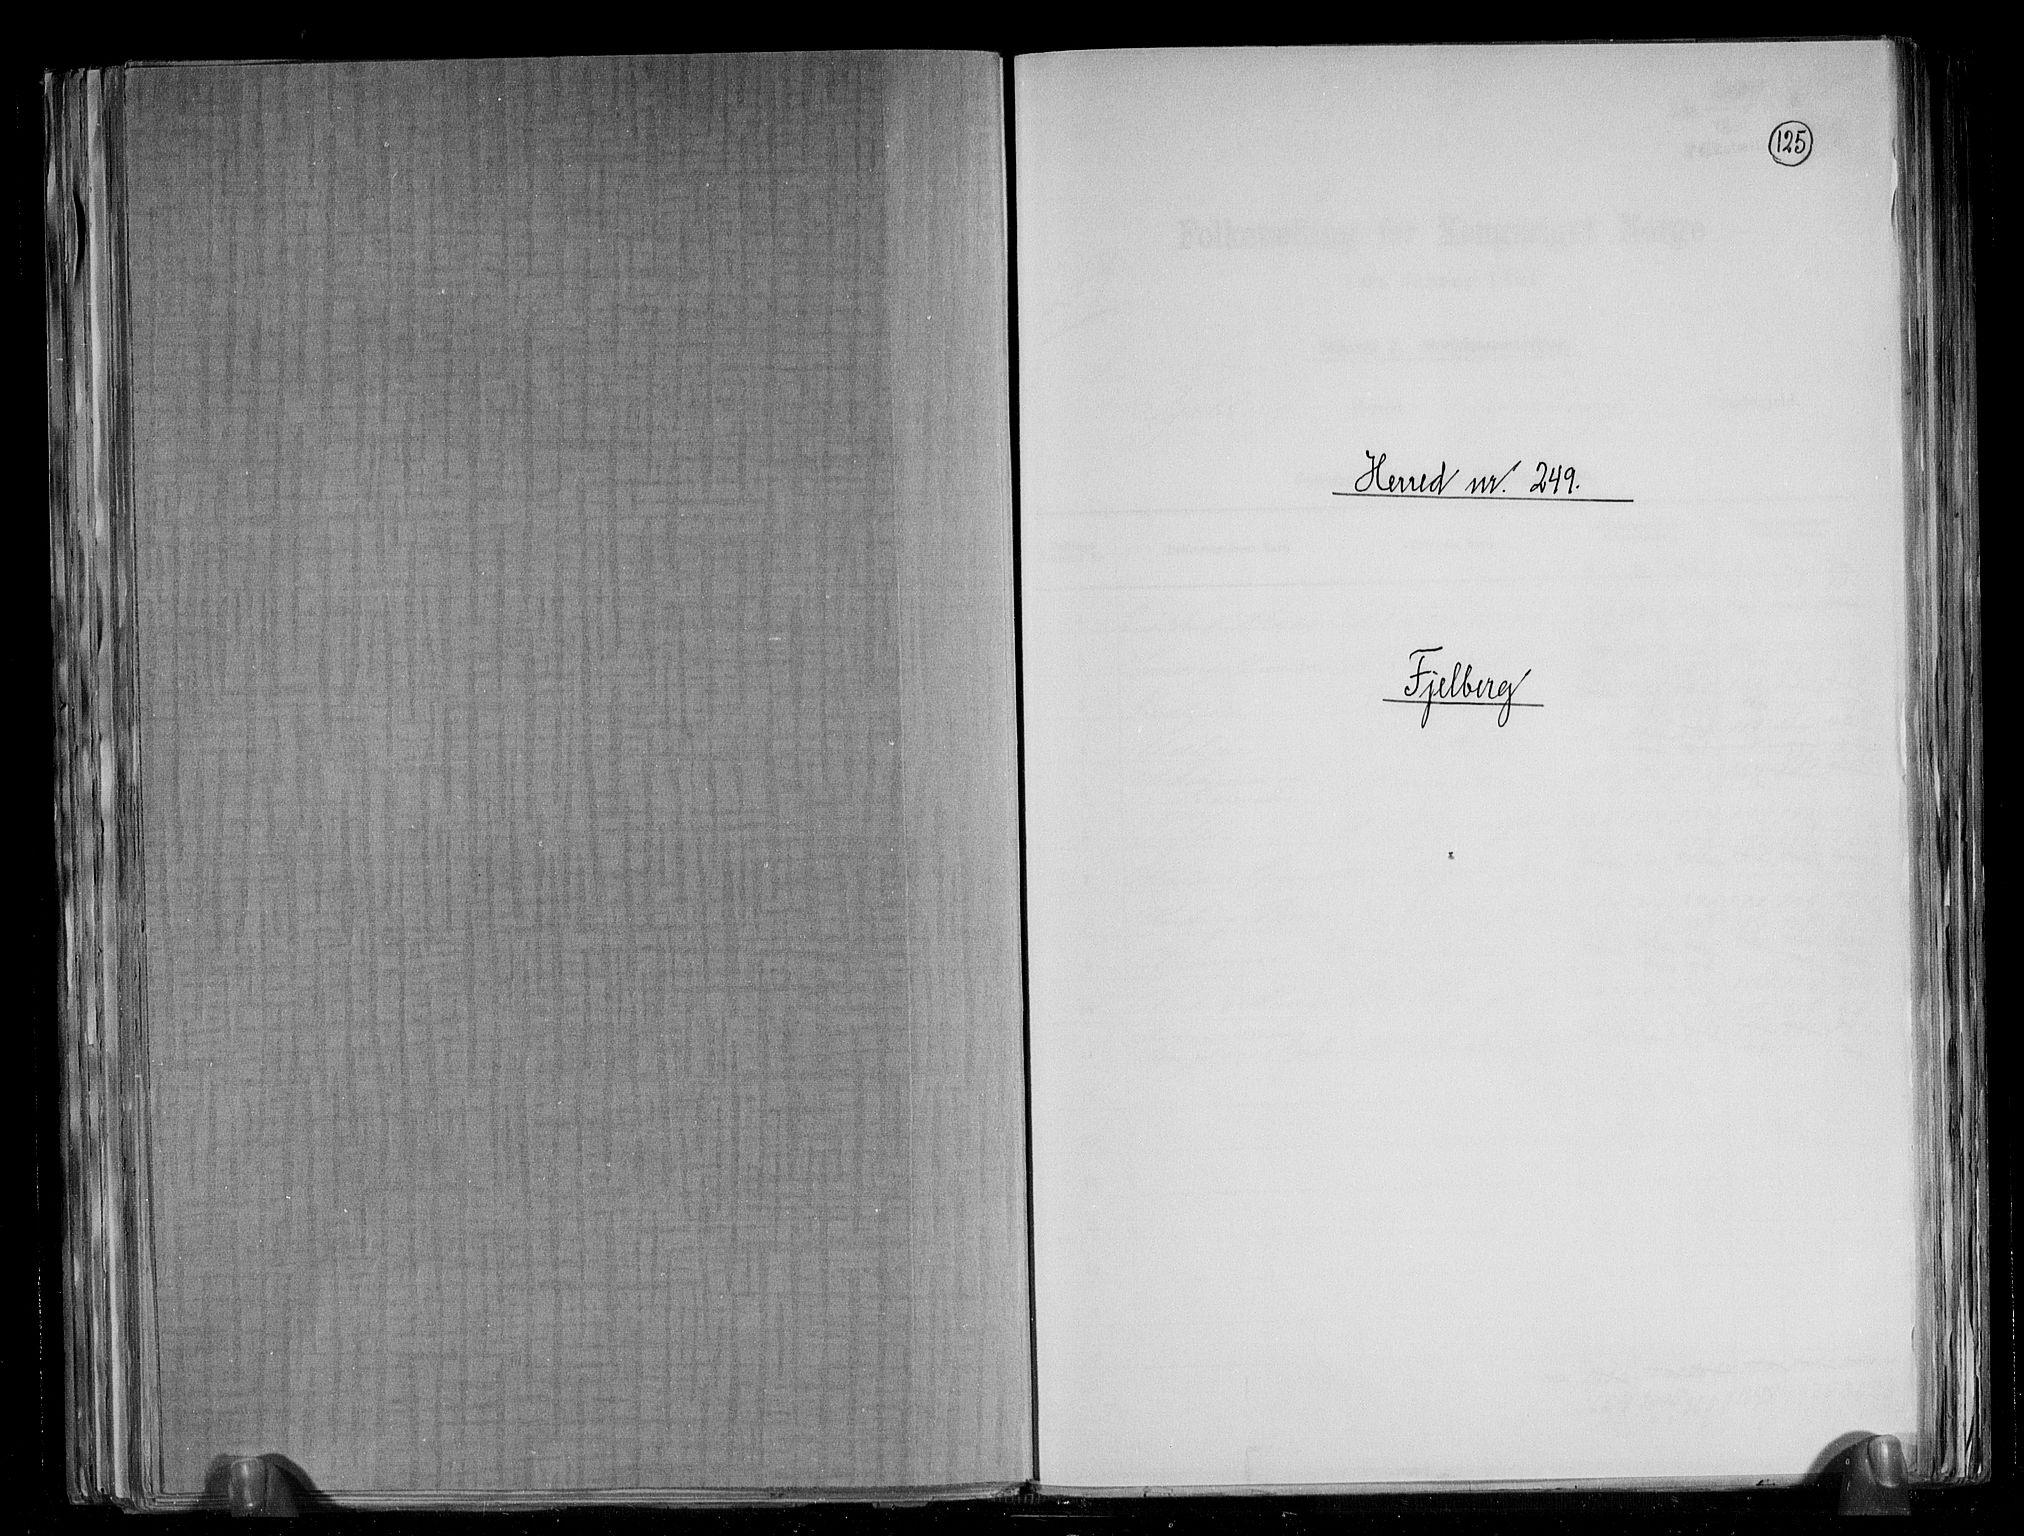 RA, Folketelling 1891 for 1213 Fjelberg herred, 1891, s. 1